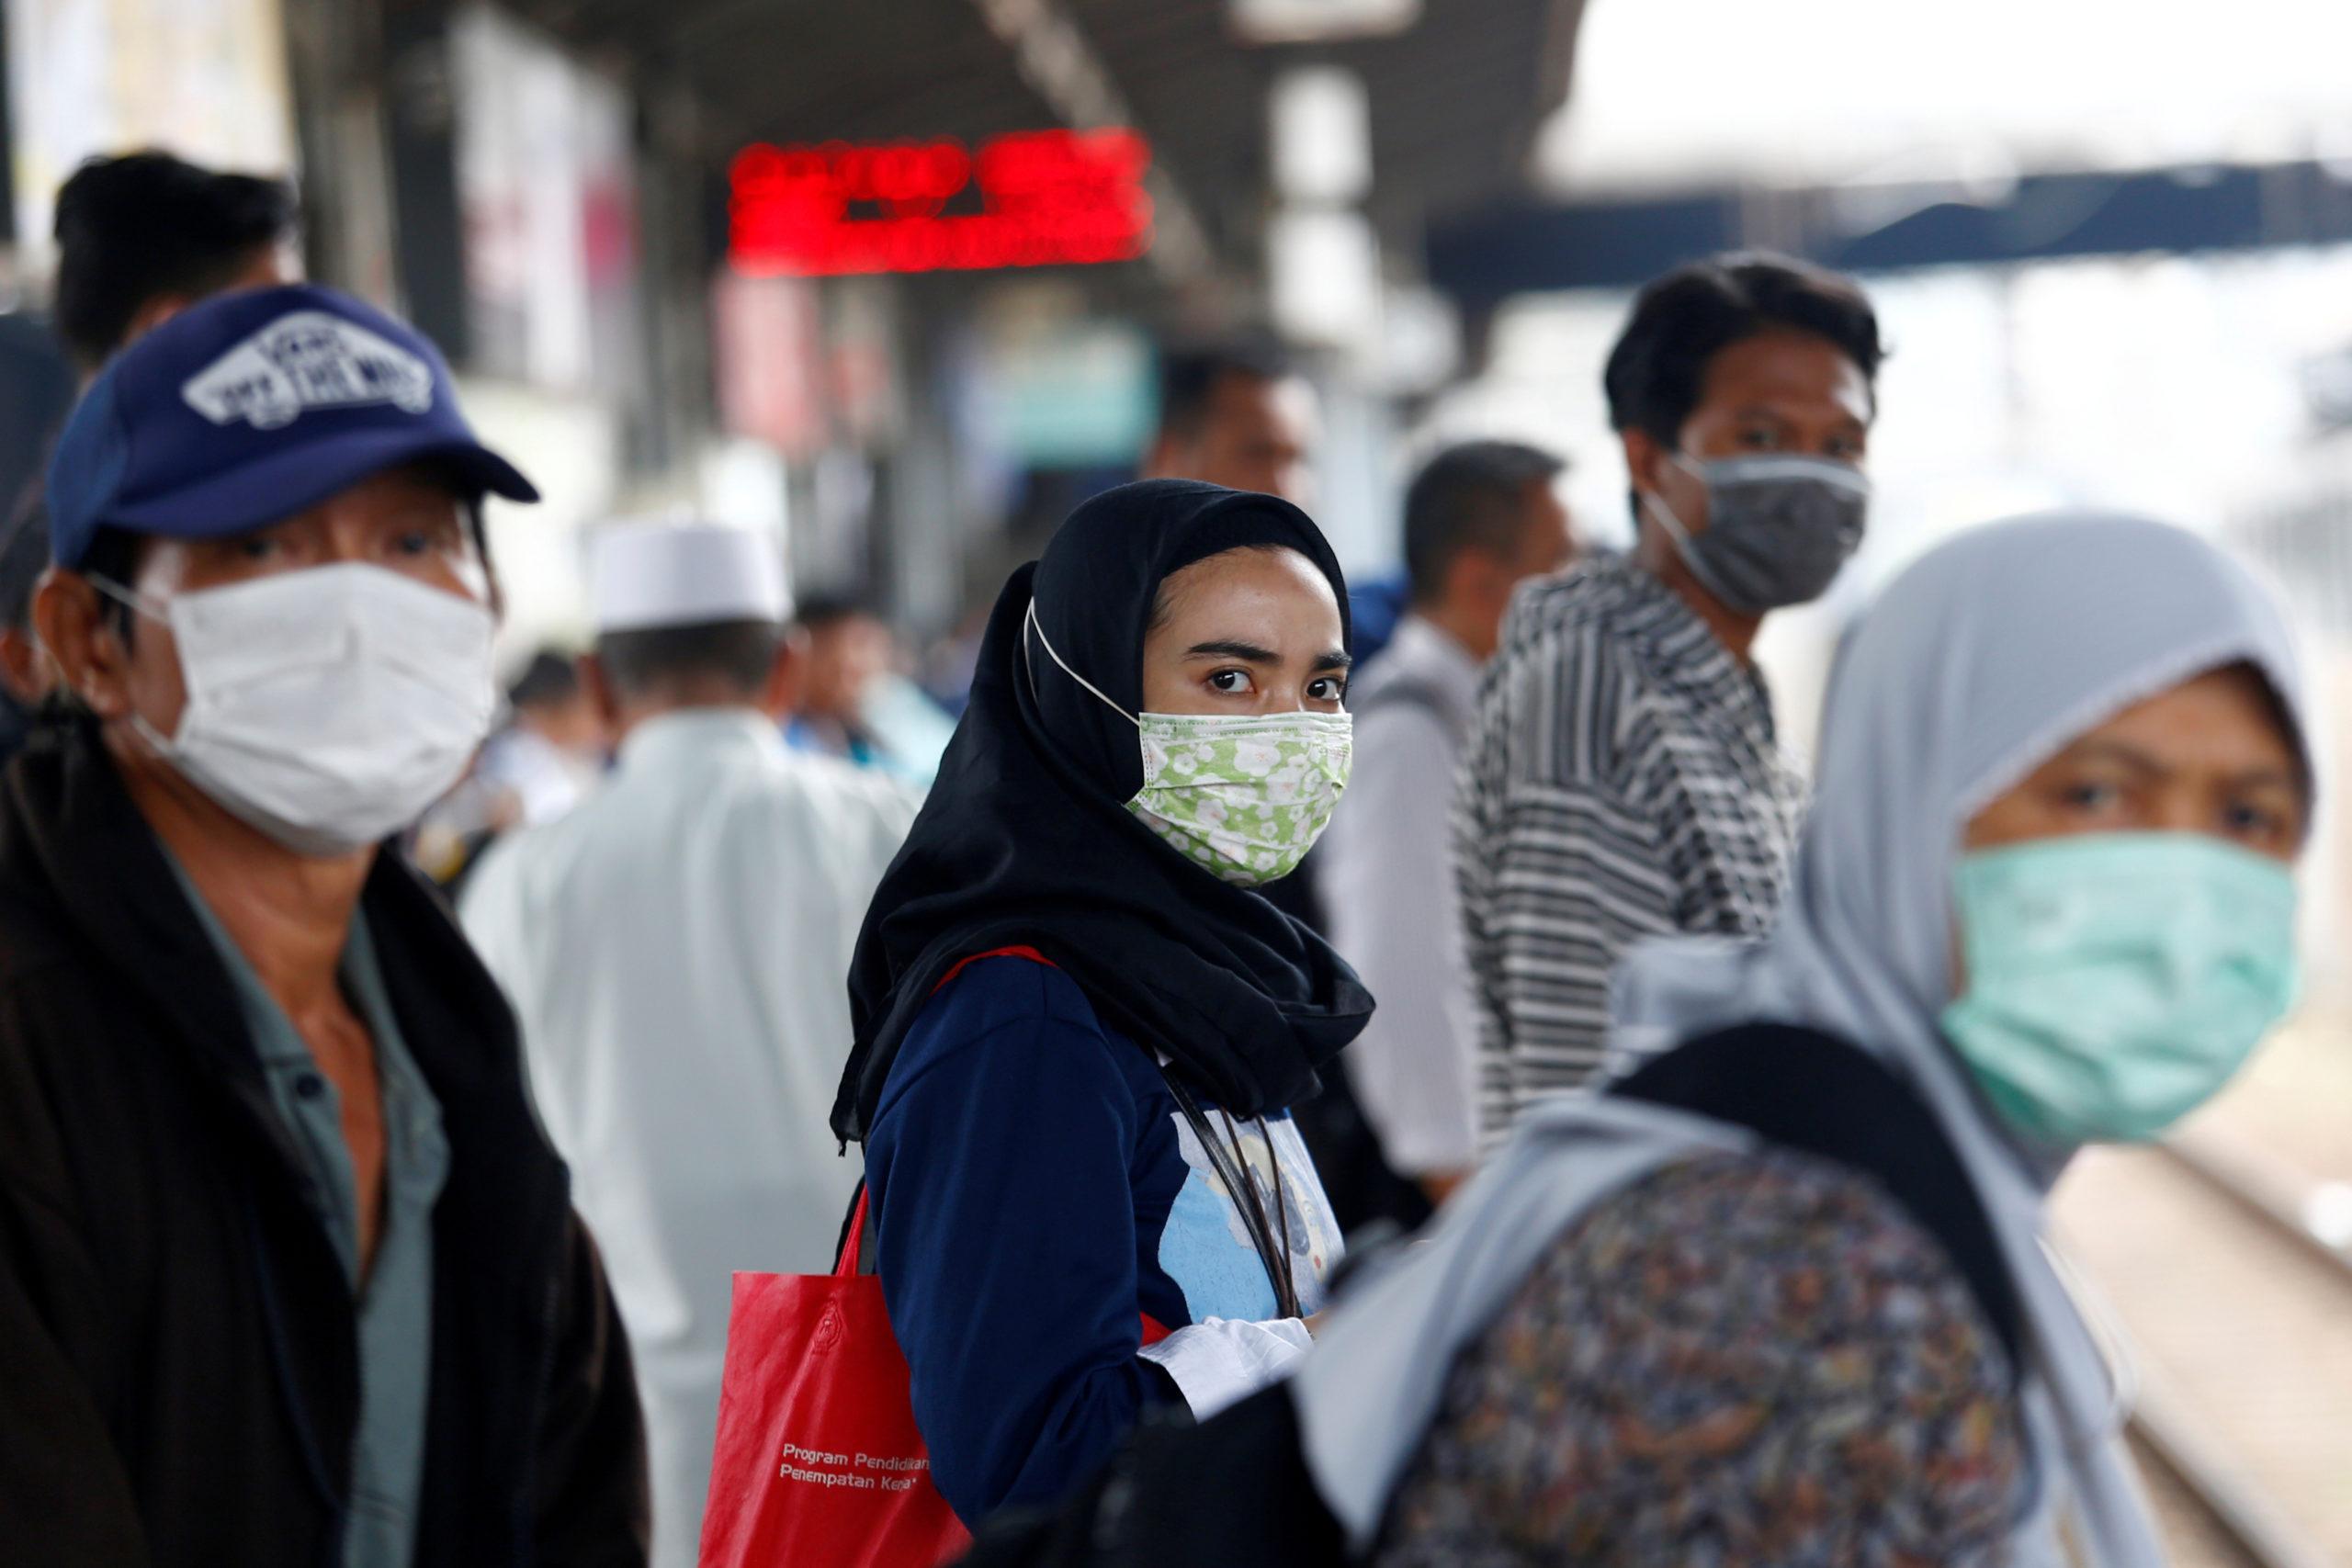 ارتفاع حصيلة المصابين بكورونا فى باكستان إلى أكثر من 90 ألف شخص